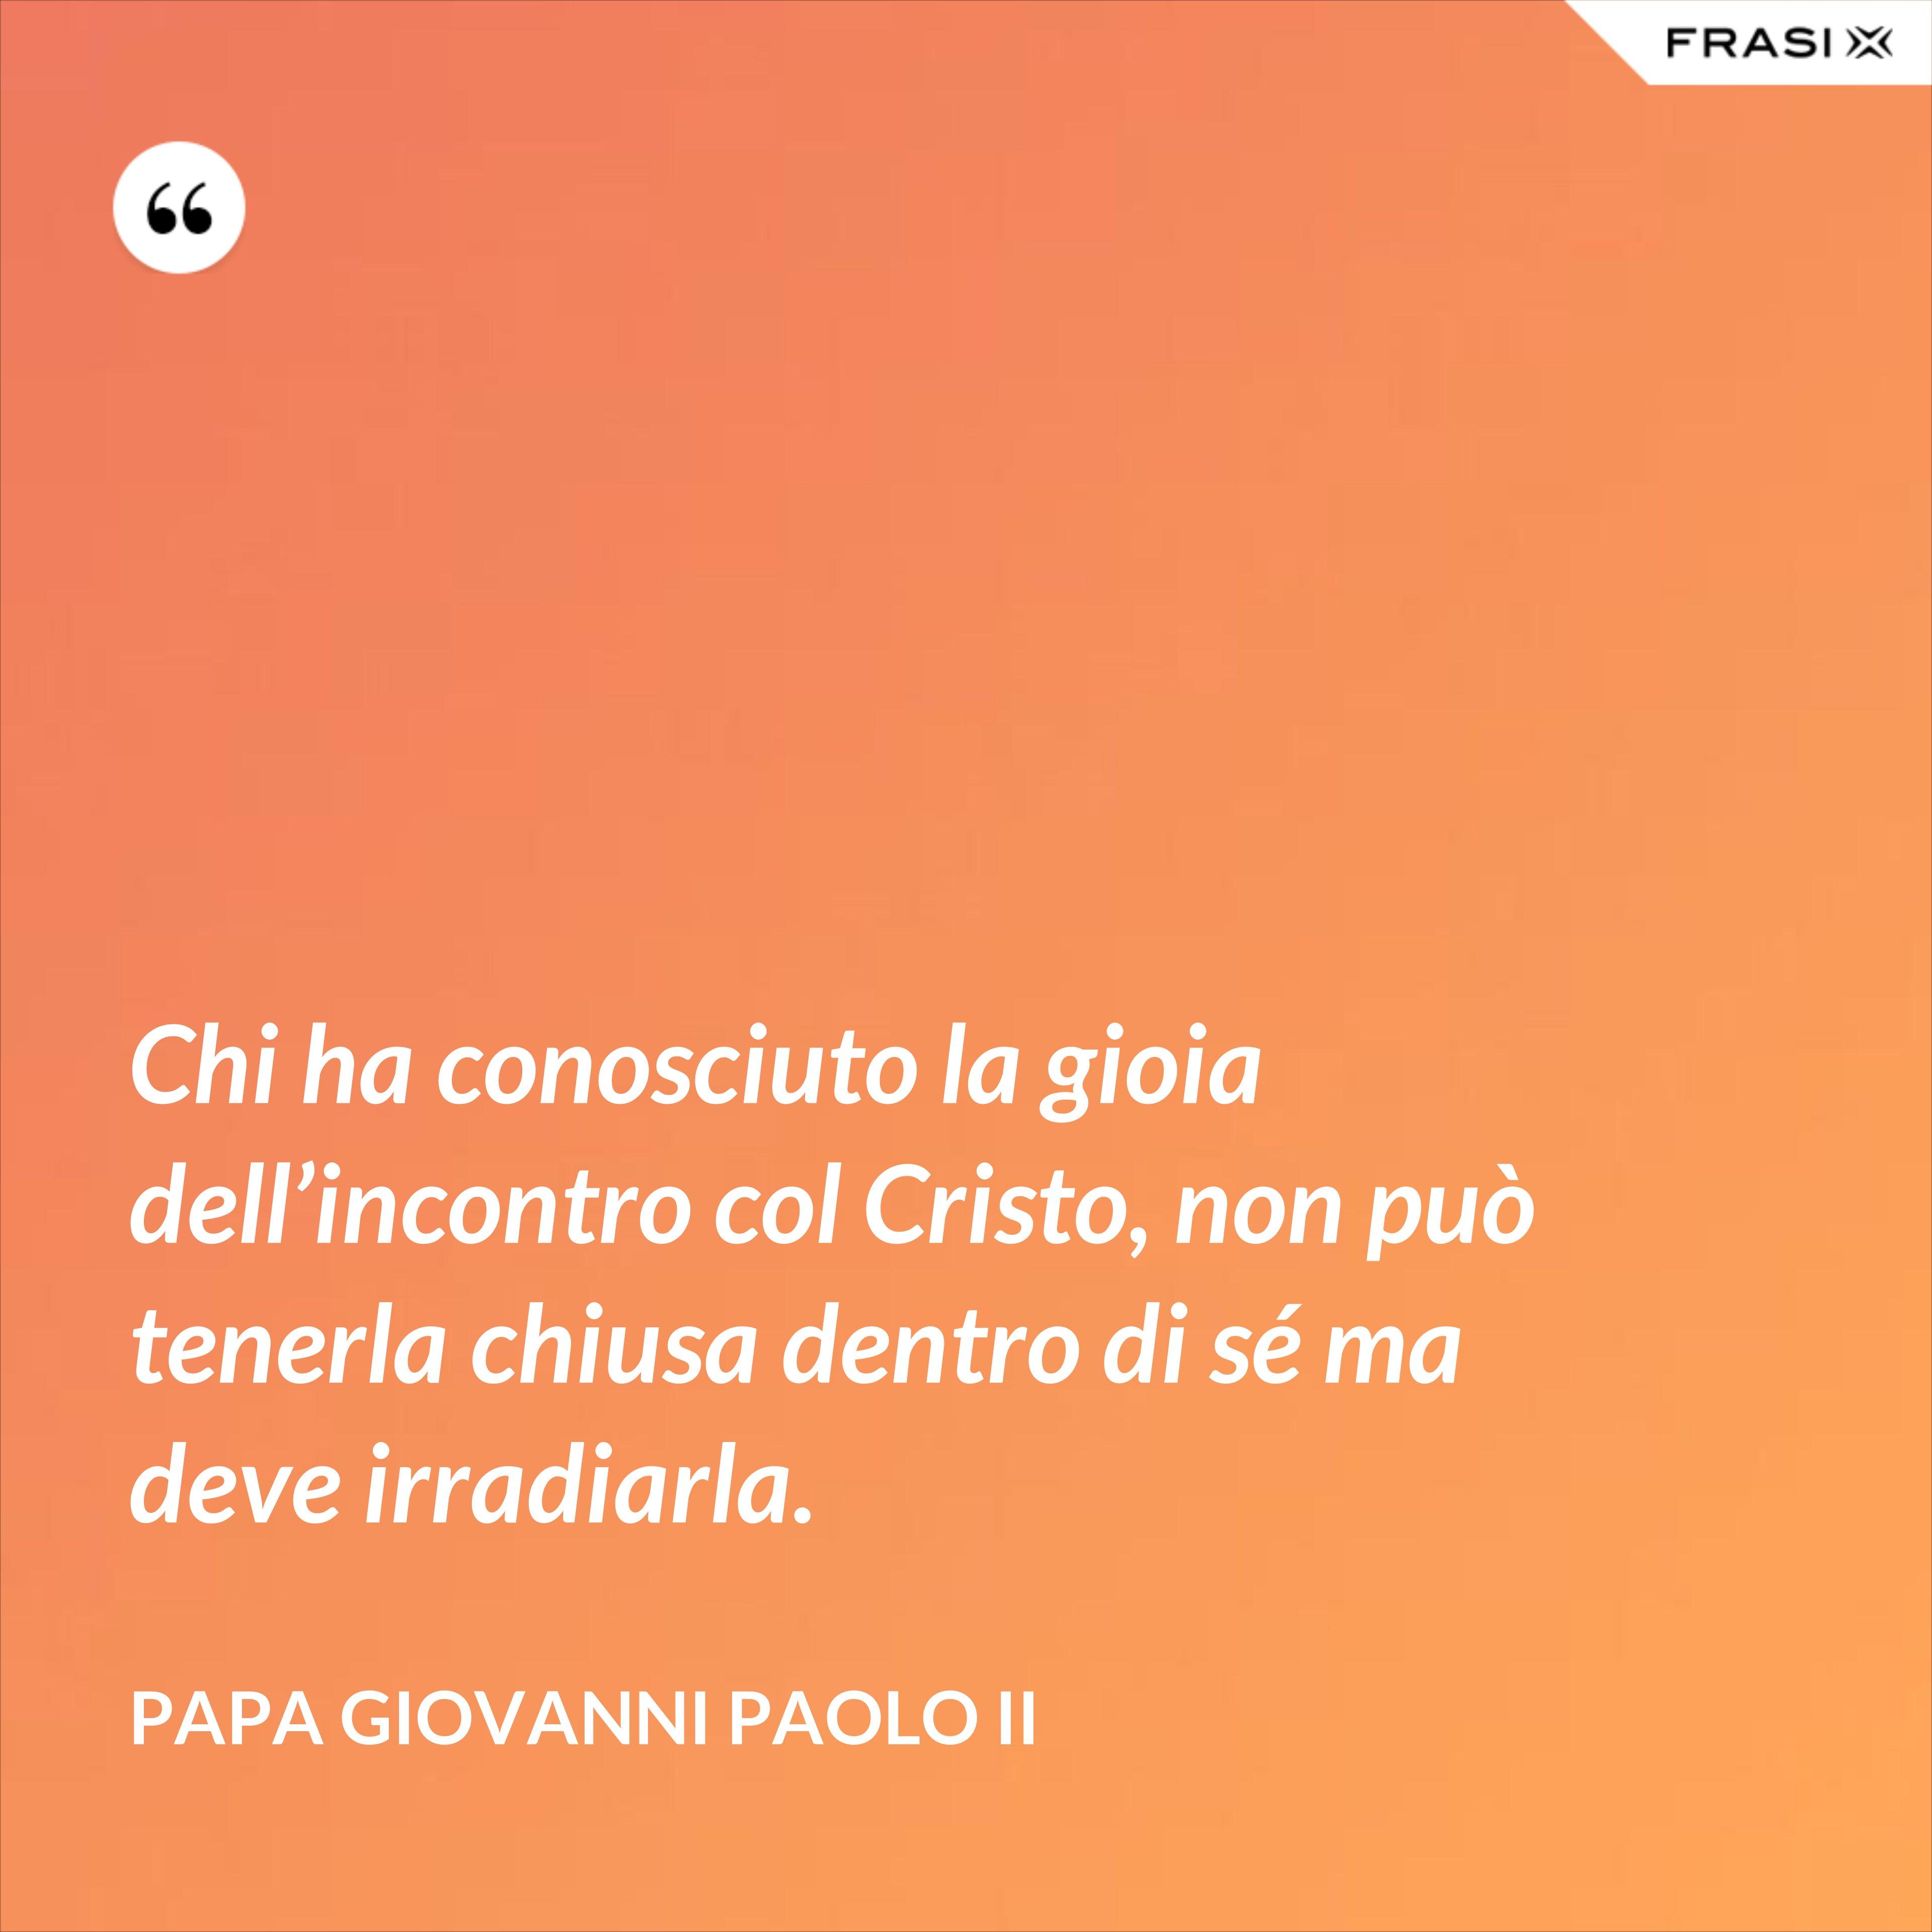 Chi ha conosciuto la gioia dell'incontro col Cristo, non può tenerla chiusa dentro di sé ma deve irradiarla. - Papa Giovanni Paolo II